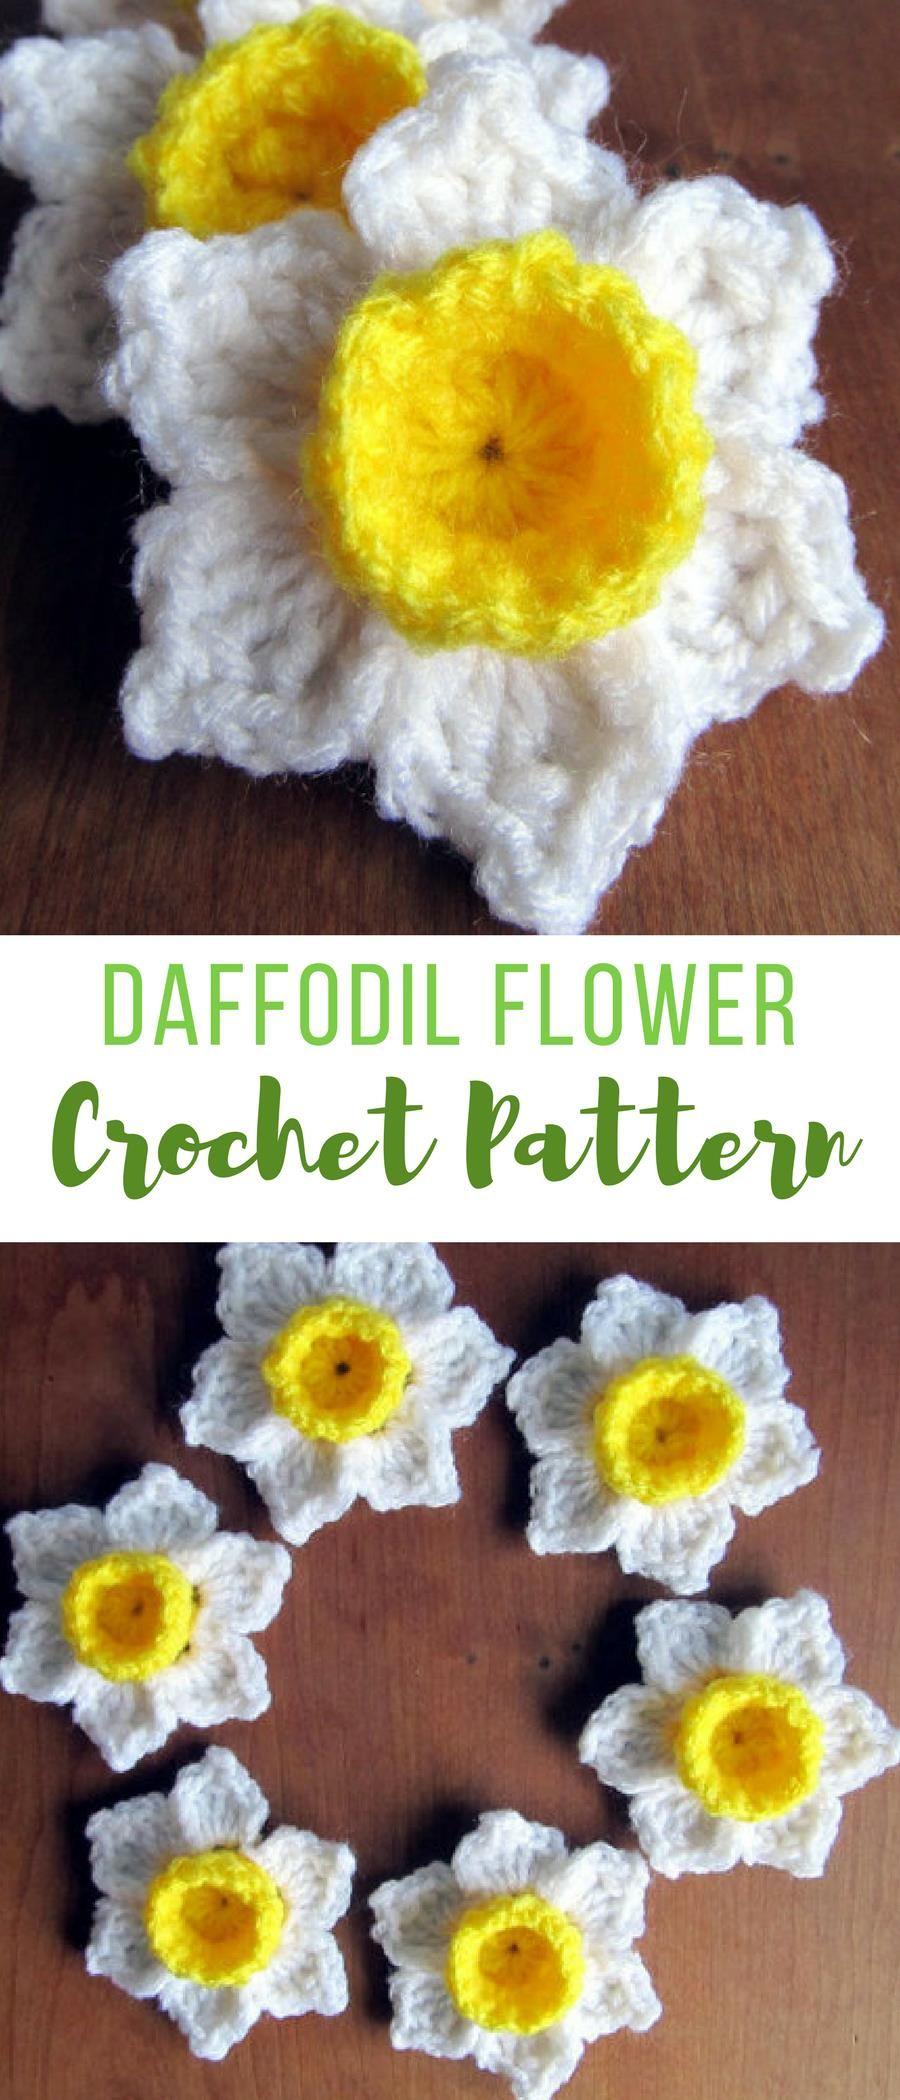 Crochet Daffodils Crocheted Flower Patterns Crochet Flowers